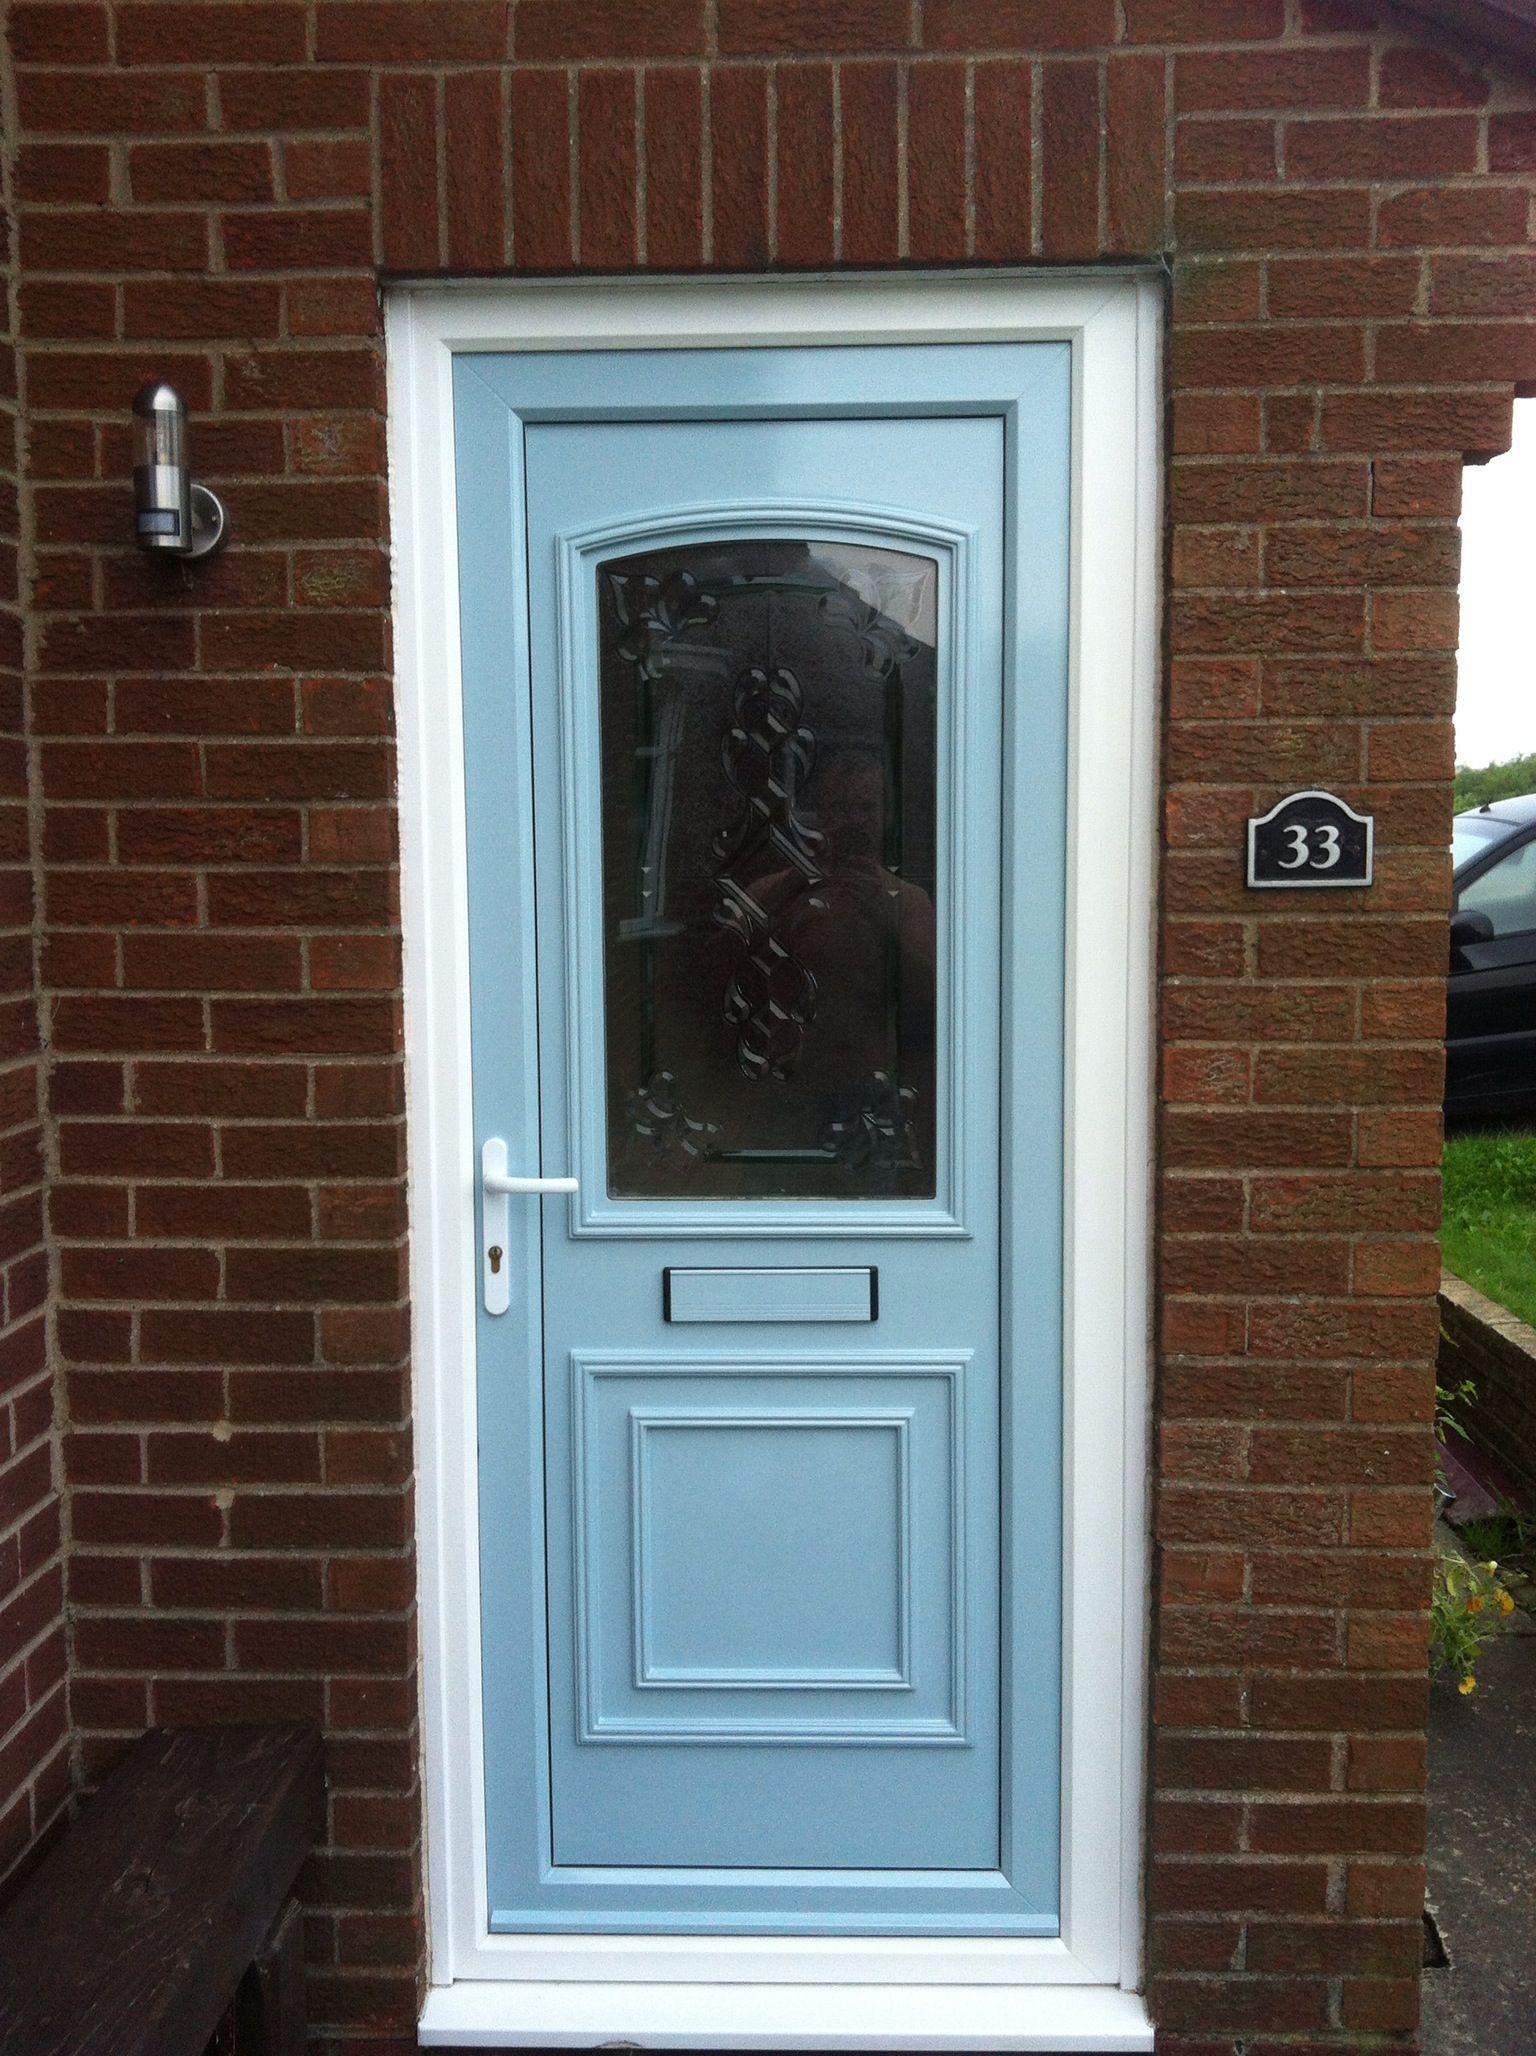 Upvc front door 2k car paint using air compressor for Nice front doors